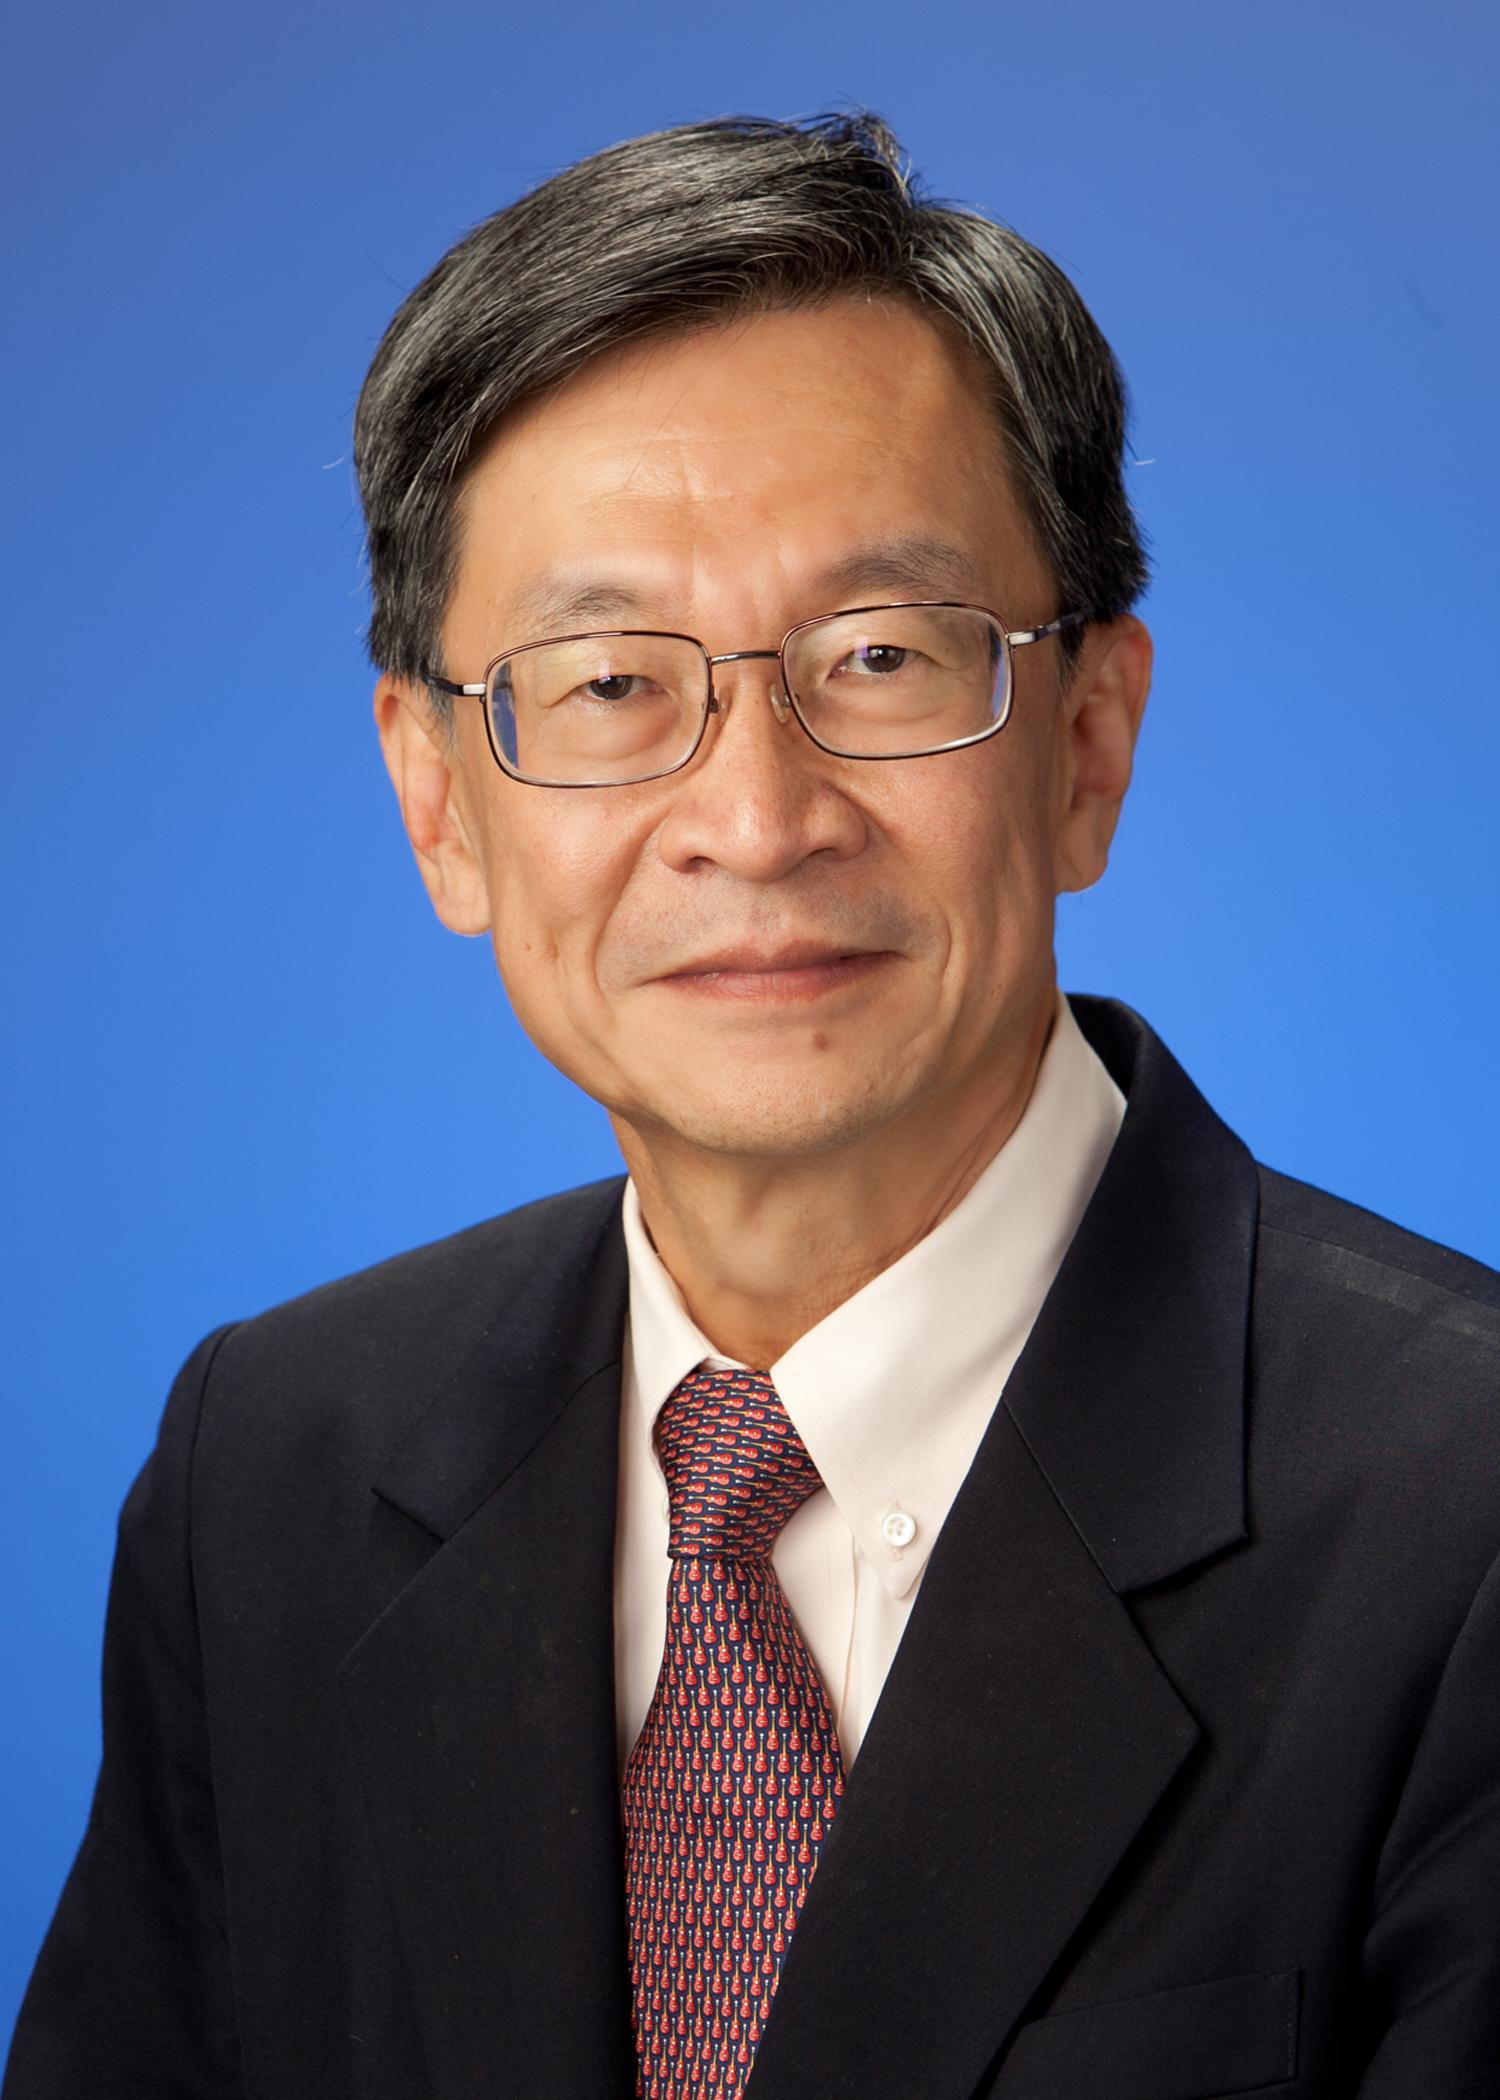 Liew-Chuang Chiu